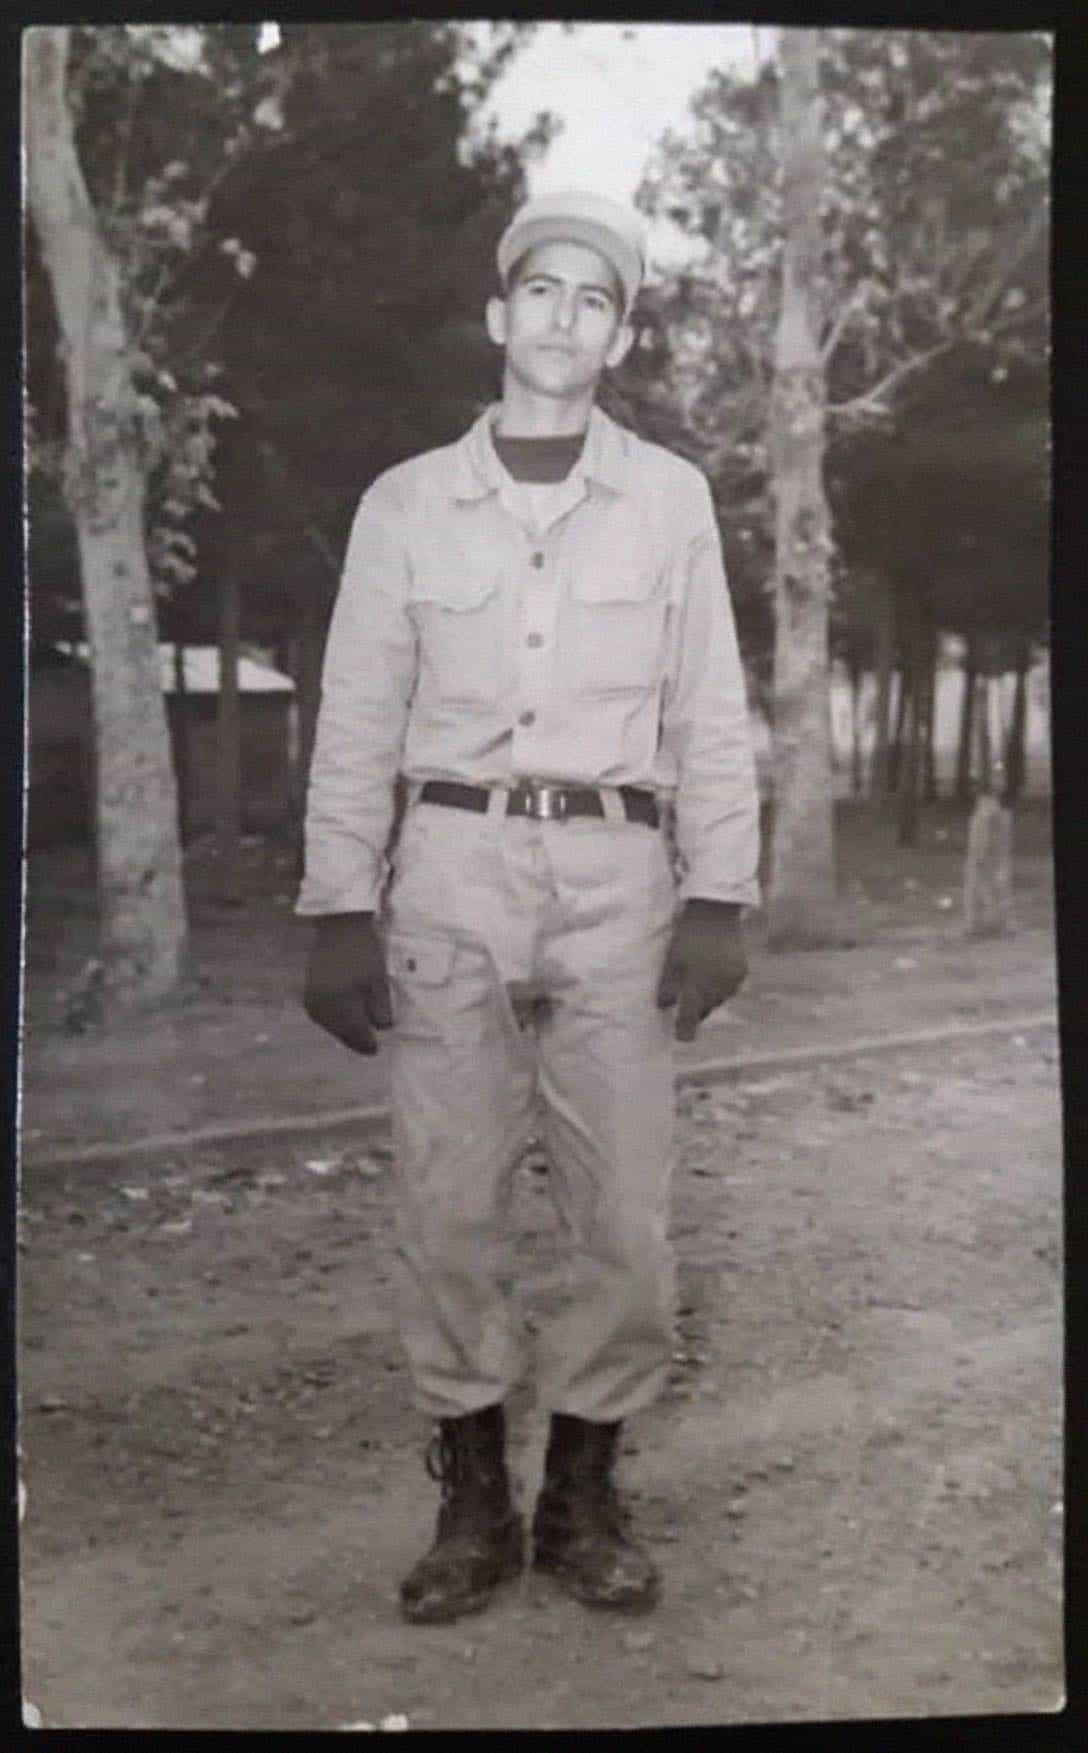 Schwarz-weiß-Bild von Soldat Mohsen in seiner Uniform